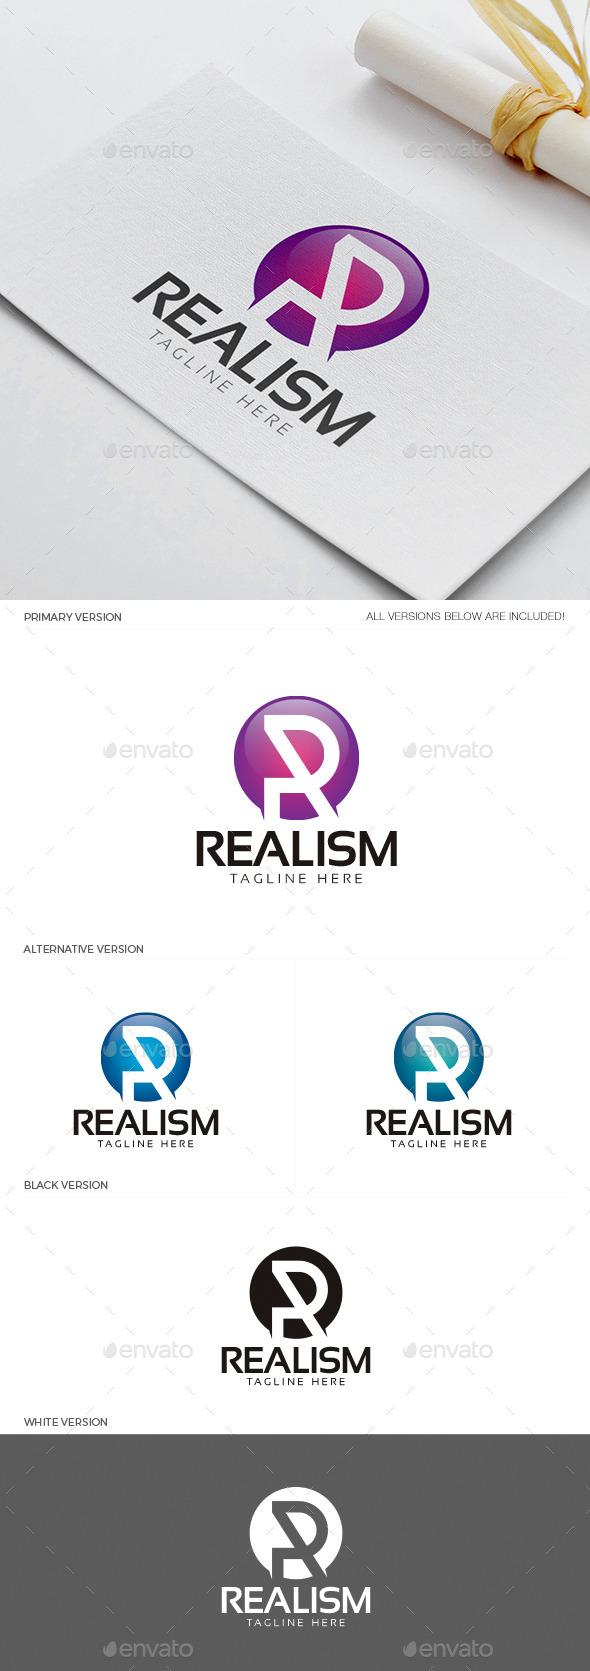 Realism - Letter R Logo